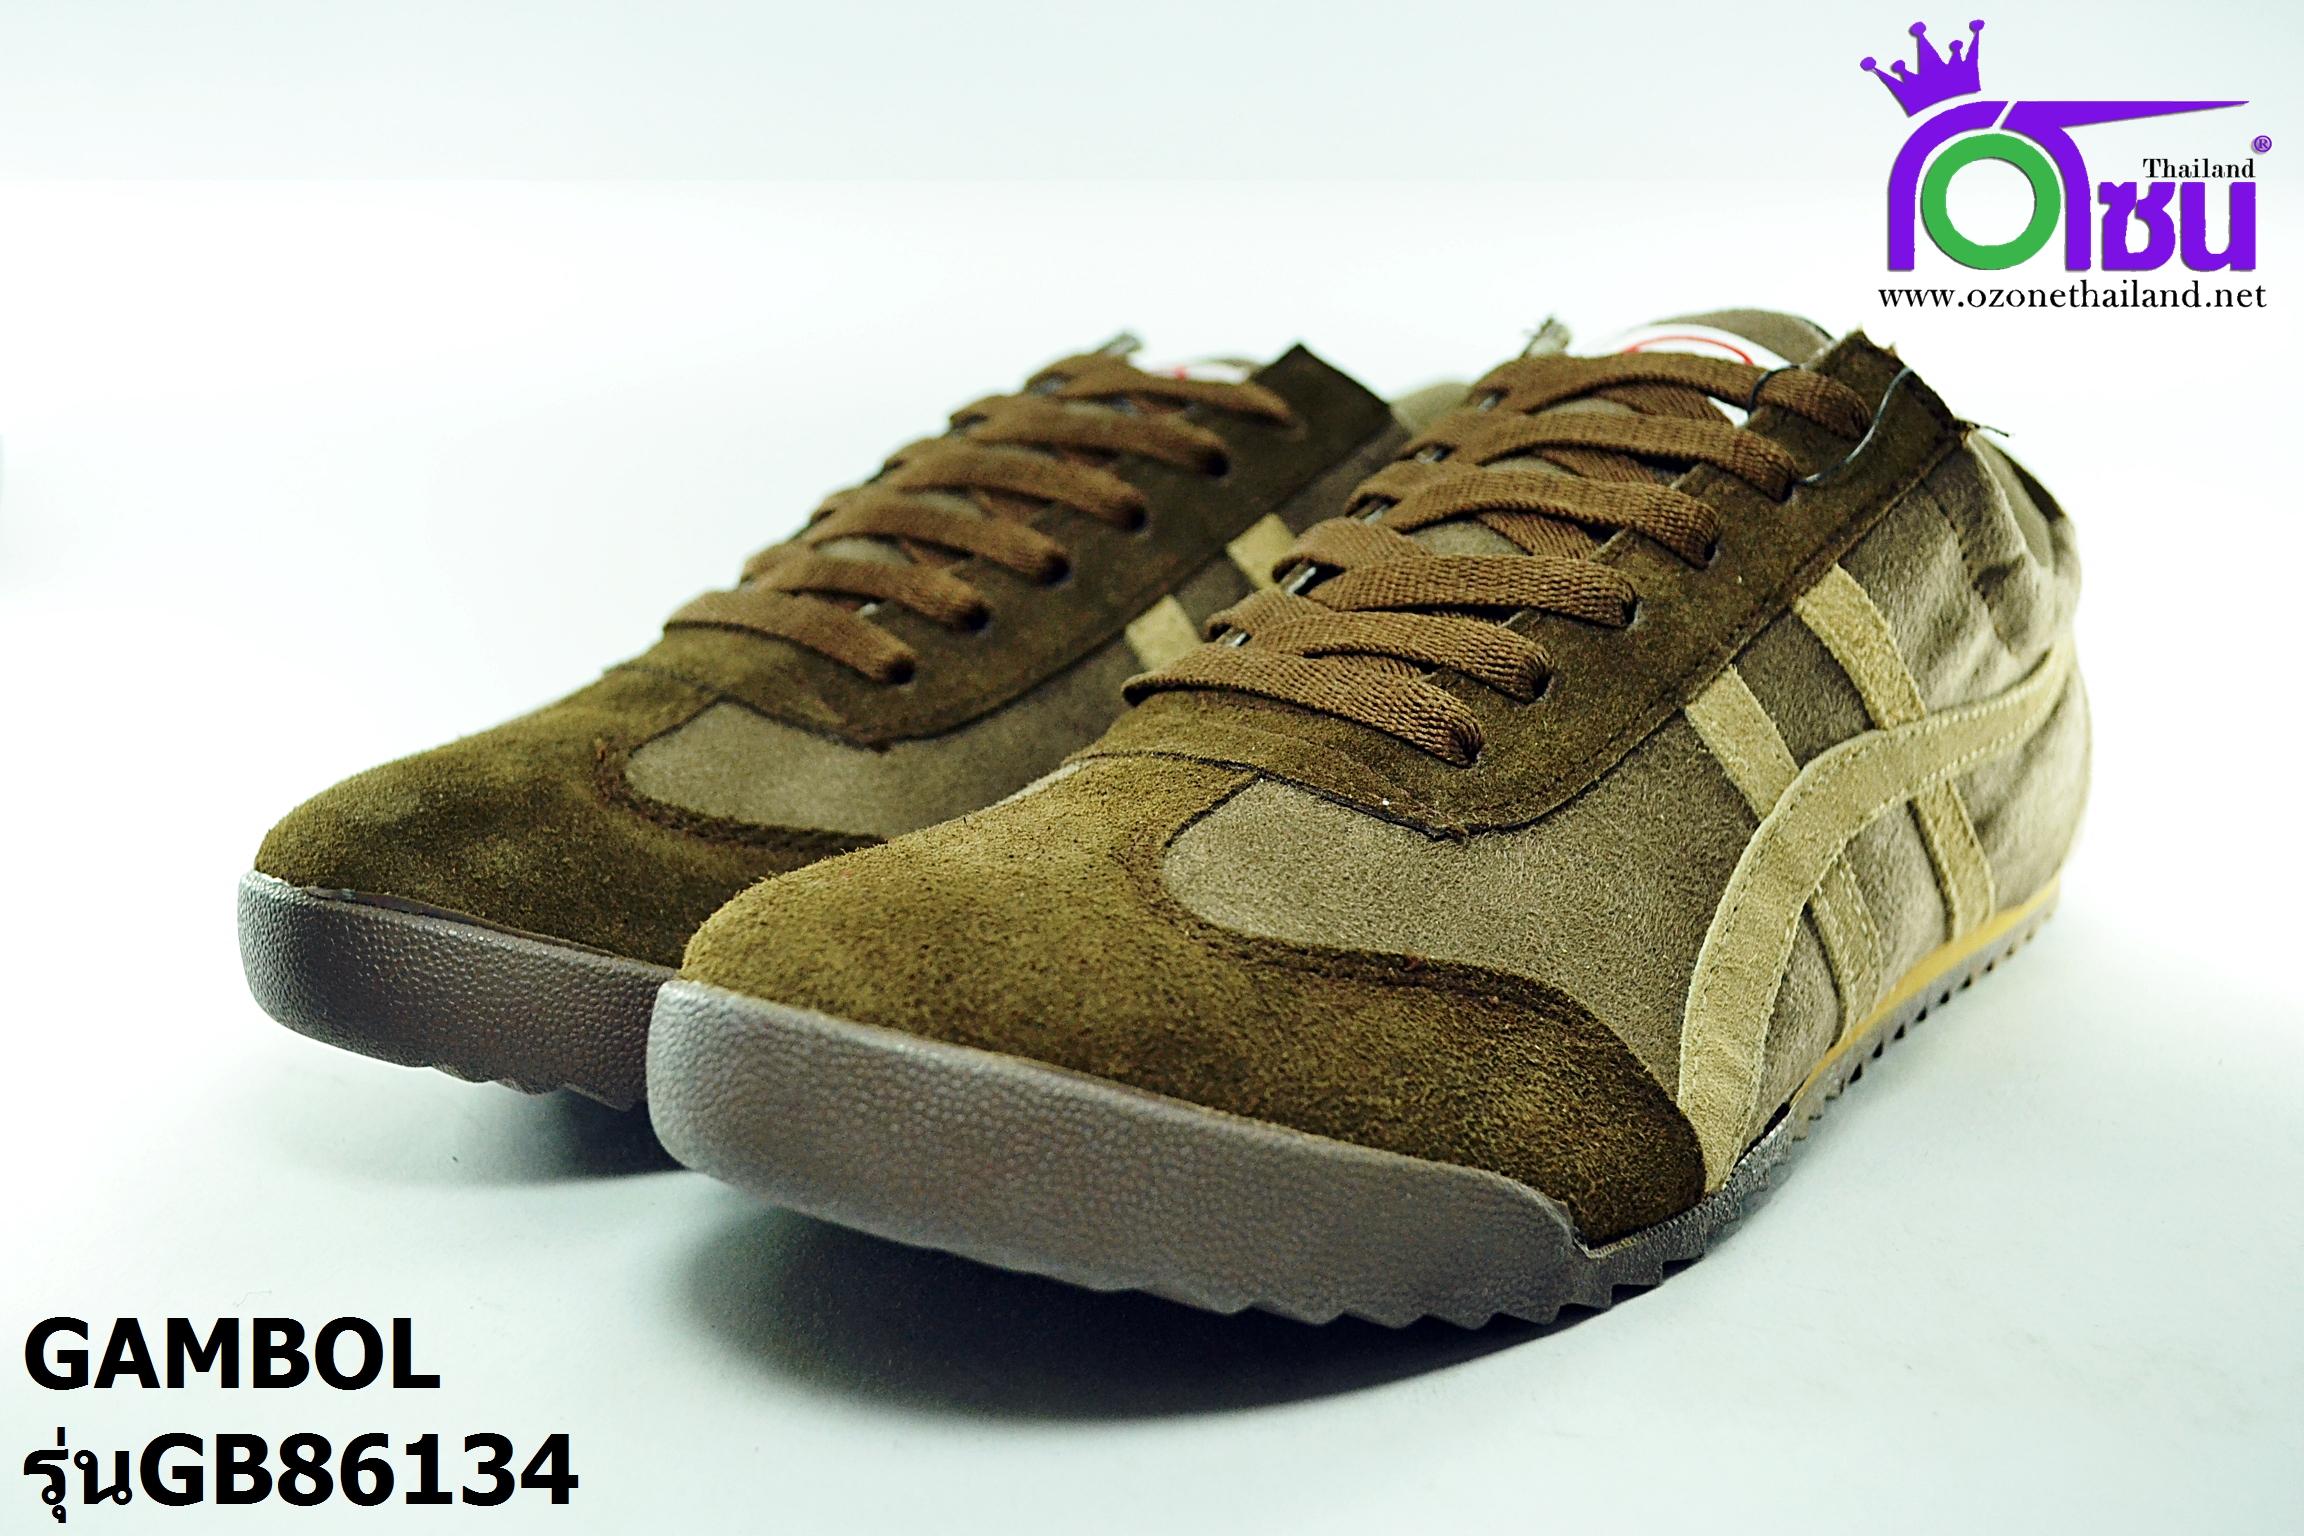 รองเท้าผ้าใบ แกมโบล GAMBOL รุ่นGB86134 สีน้ำตาล เบอร์40-44